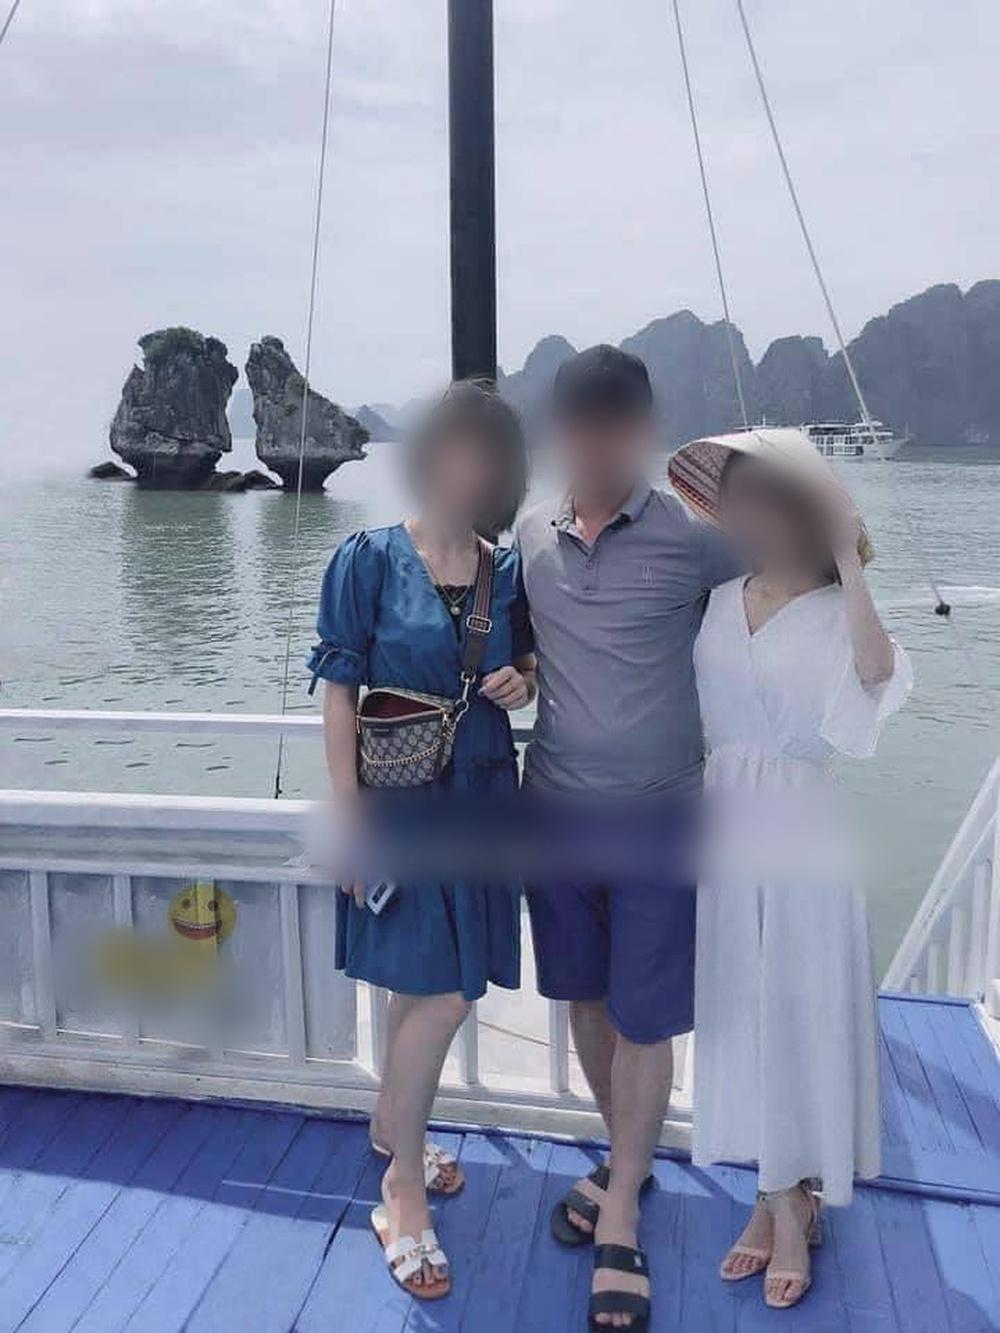 Nhờ chỉnh ảnh du lịch Hạ Long, đôi vợ chồng dở khóc dở cười khi nhận sản phẩm - Ảnh 2.